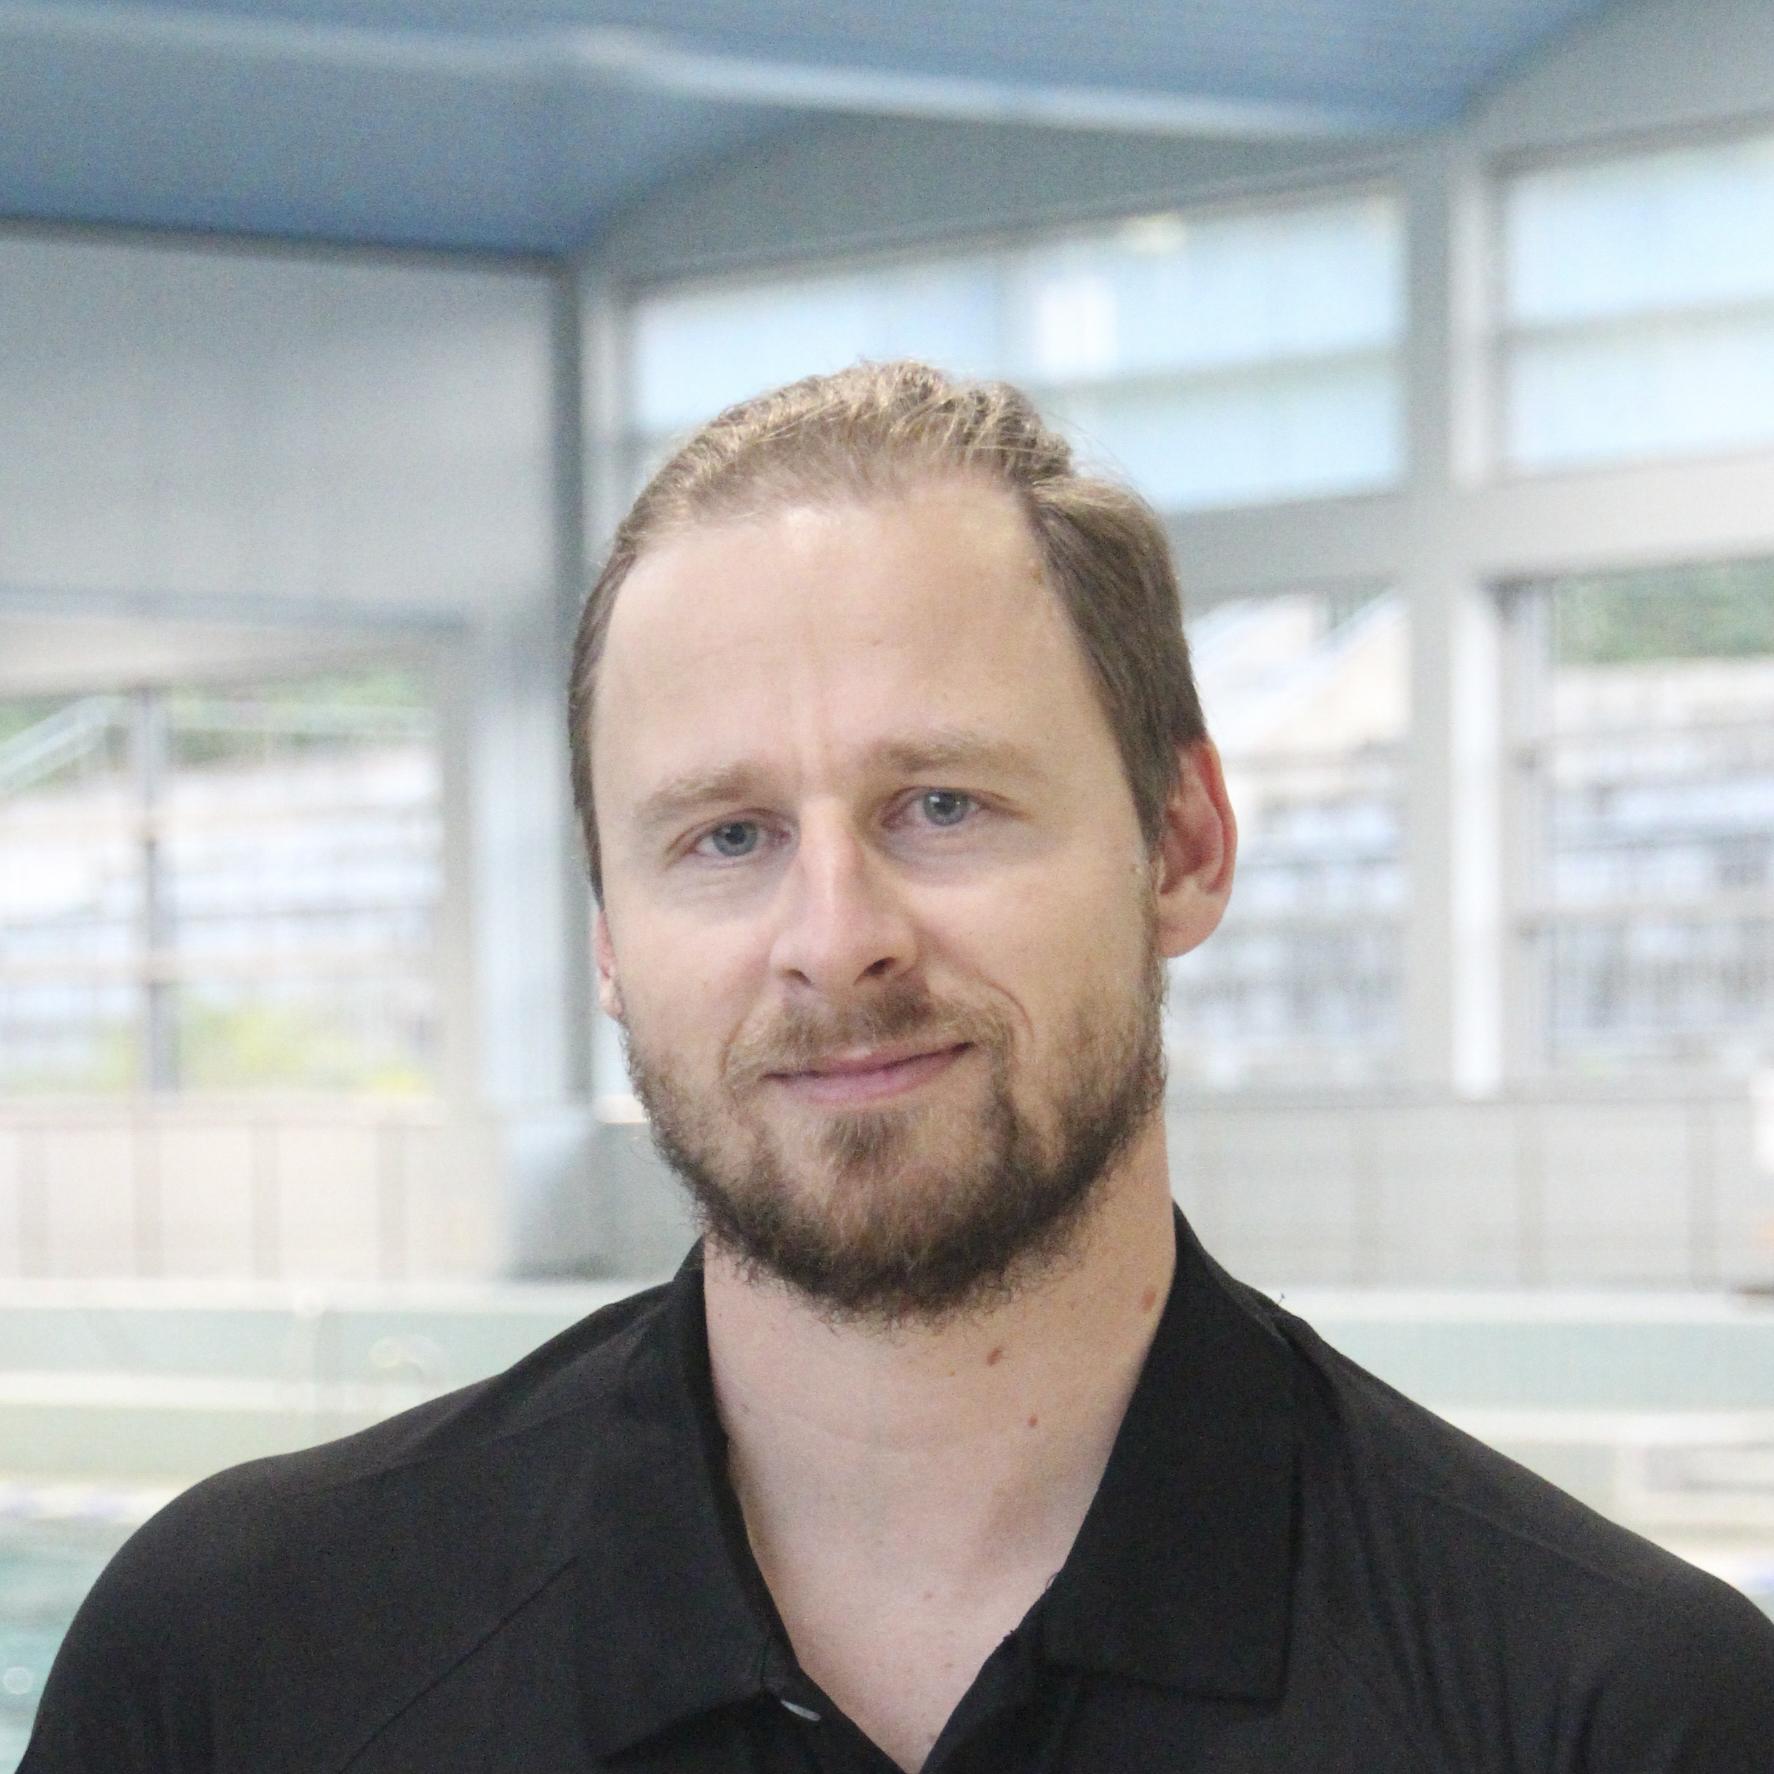 Oliver Wienholdt